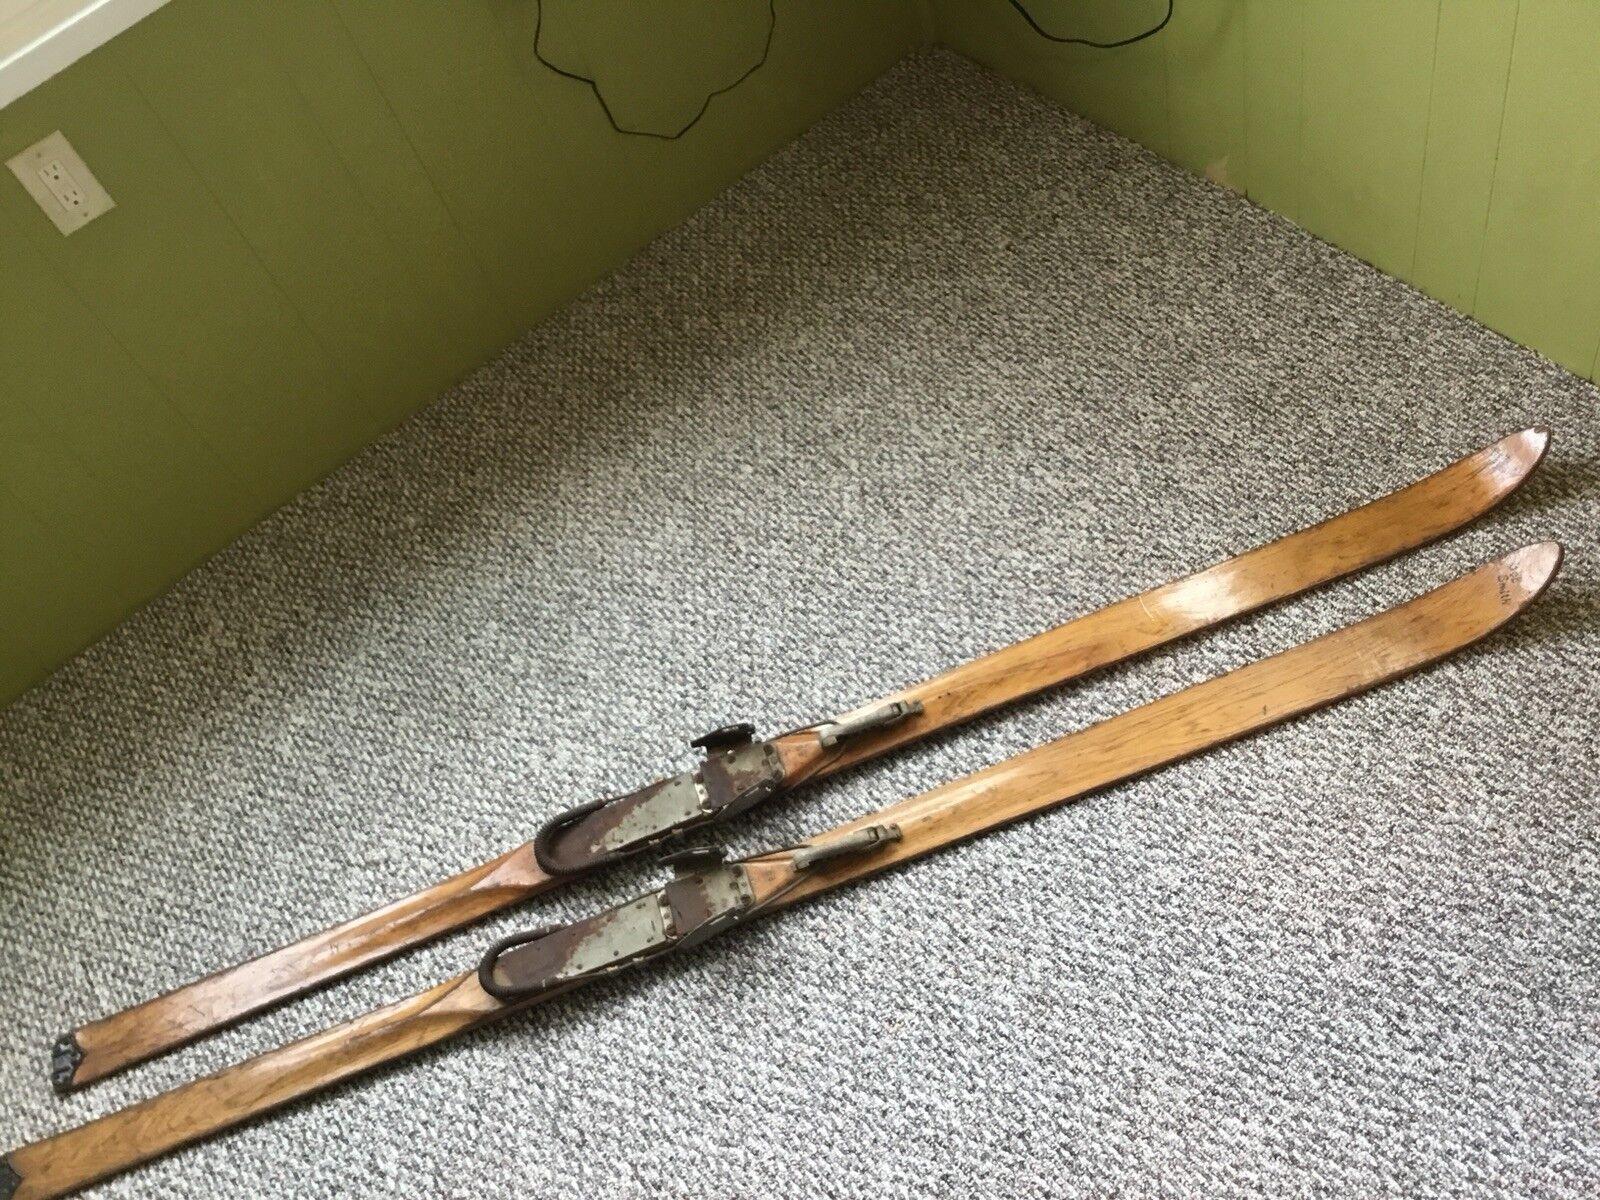 THOR GROSWOLD BROWN SKI SHOP DENVER 1940's-50's WOOD SKIS & DOVRE KABEL BINDINGS